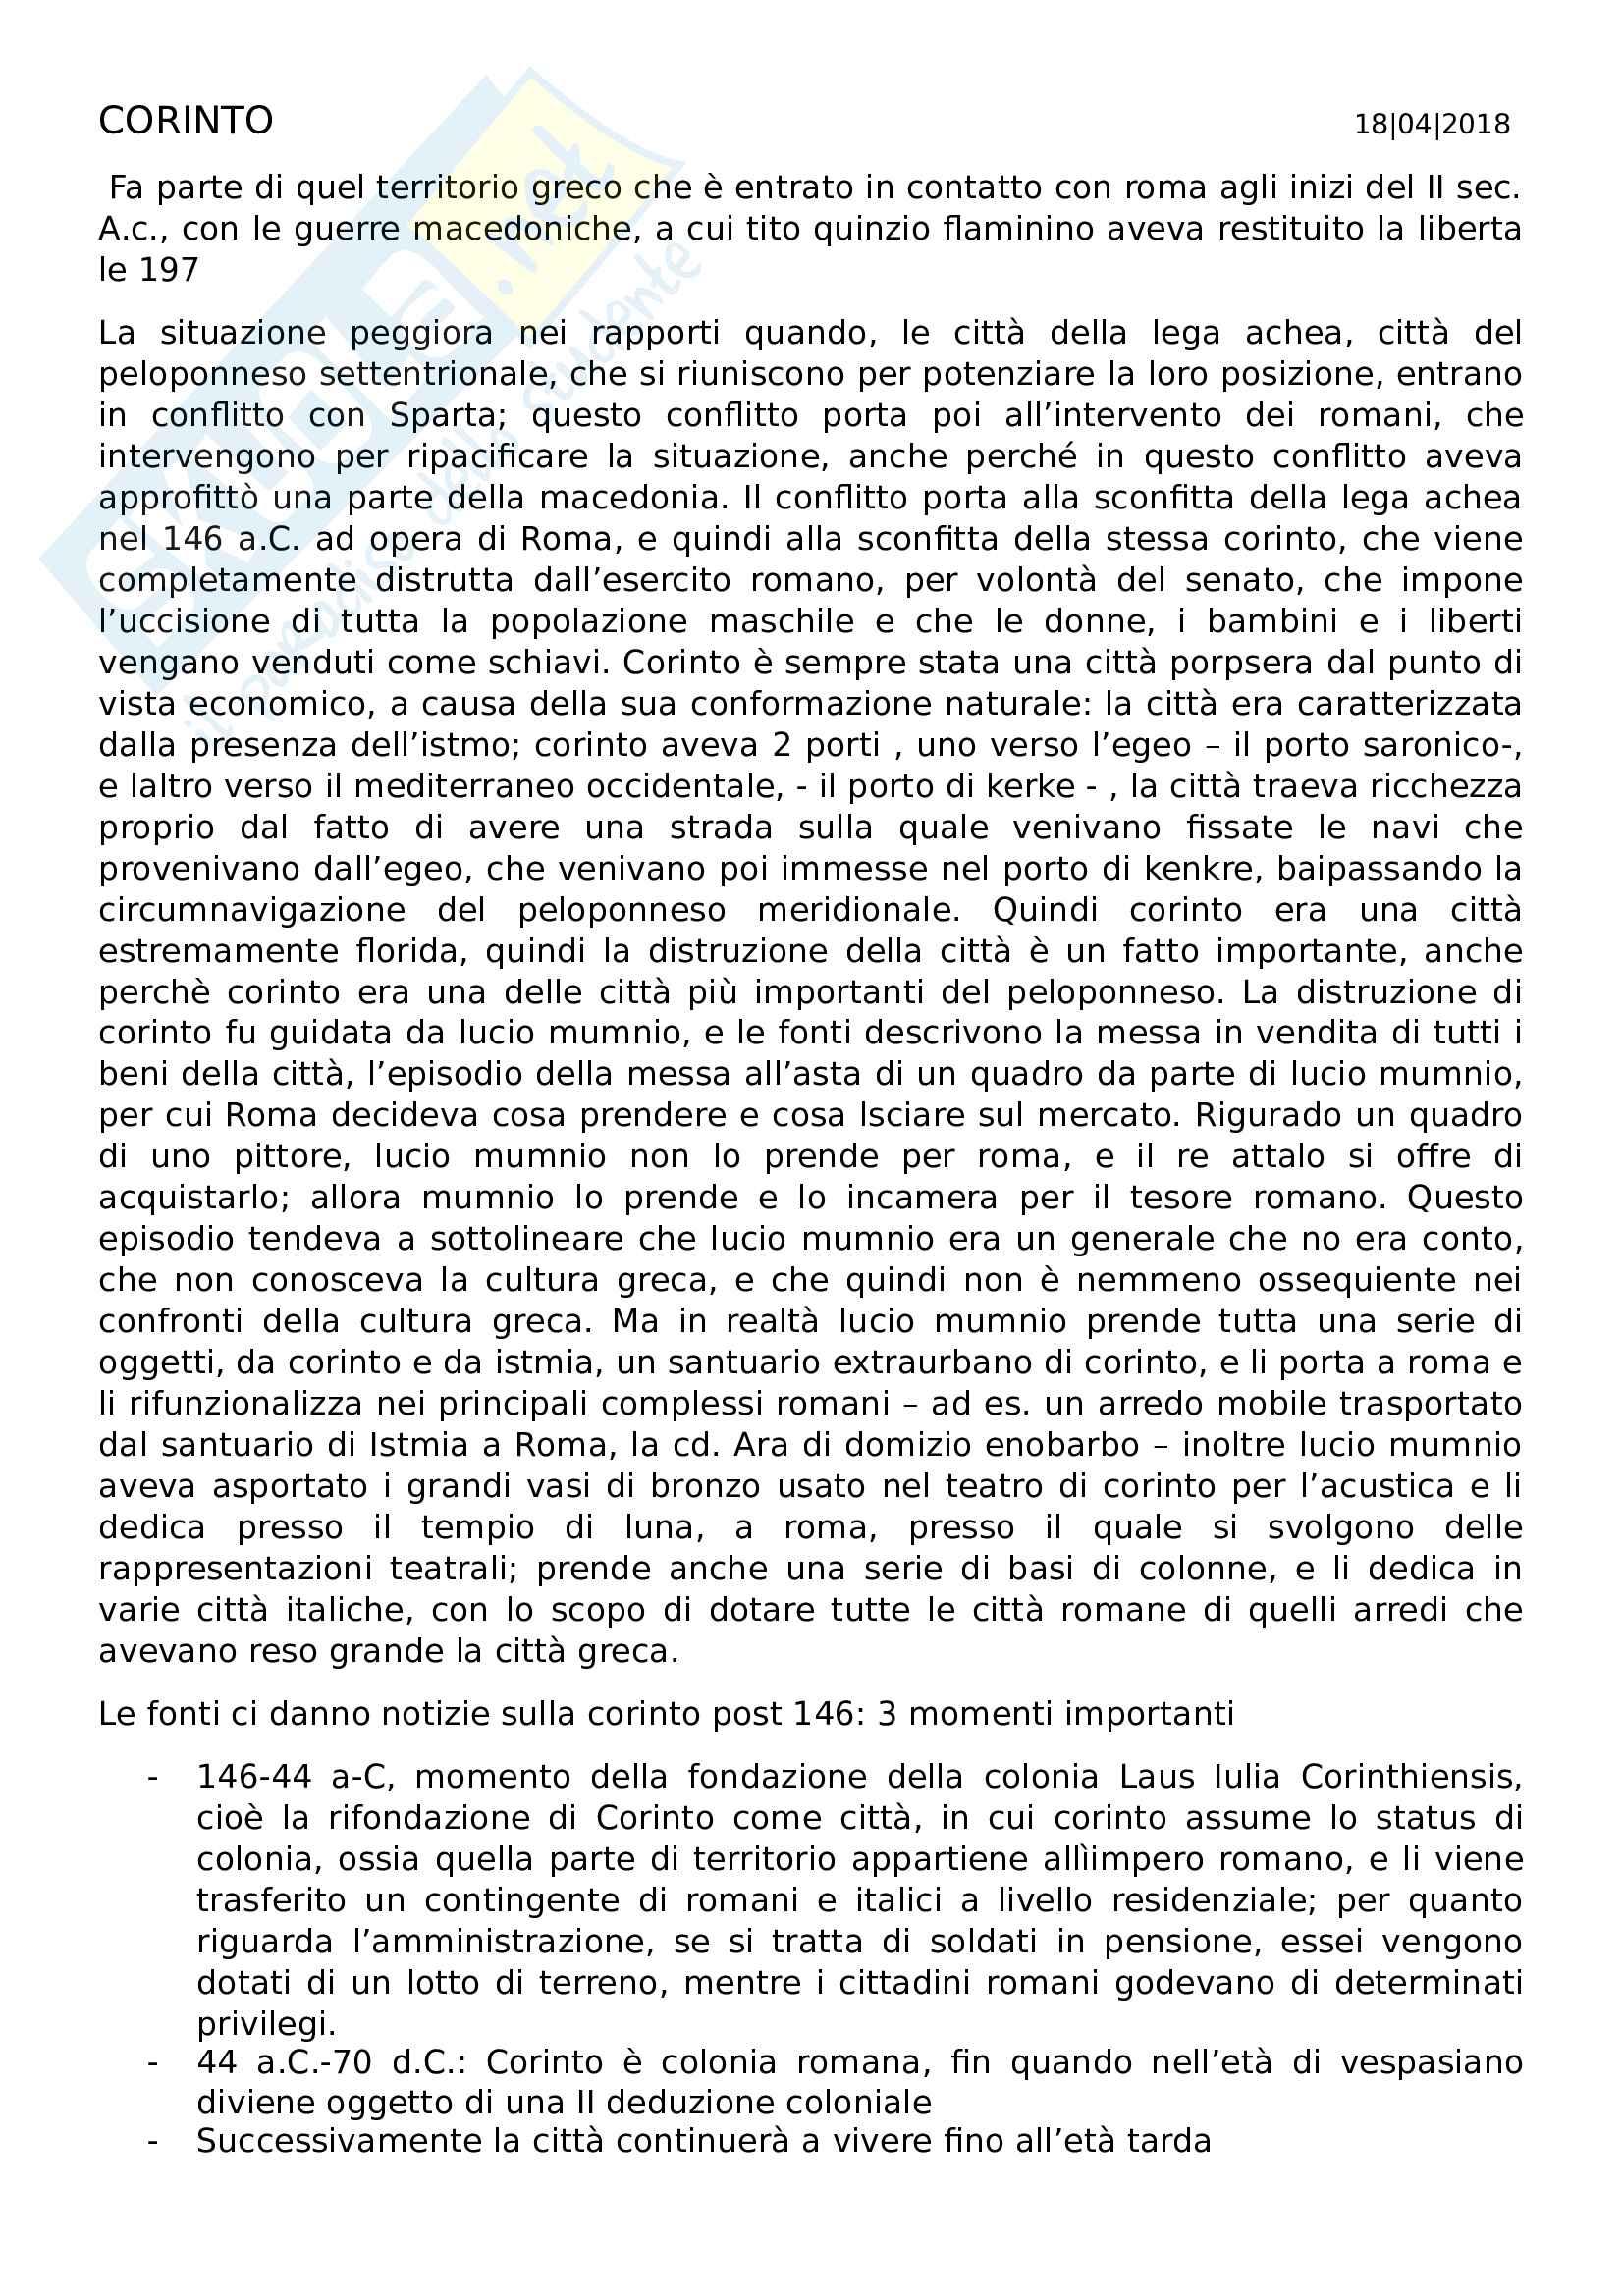 Corinto in età romana - Colonia Laus Iulia Corinthiensis